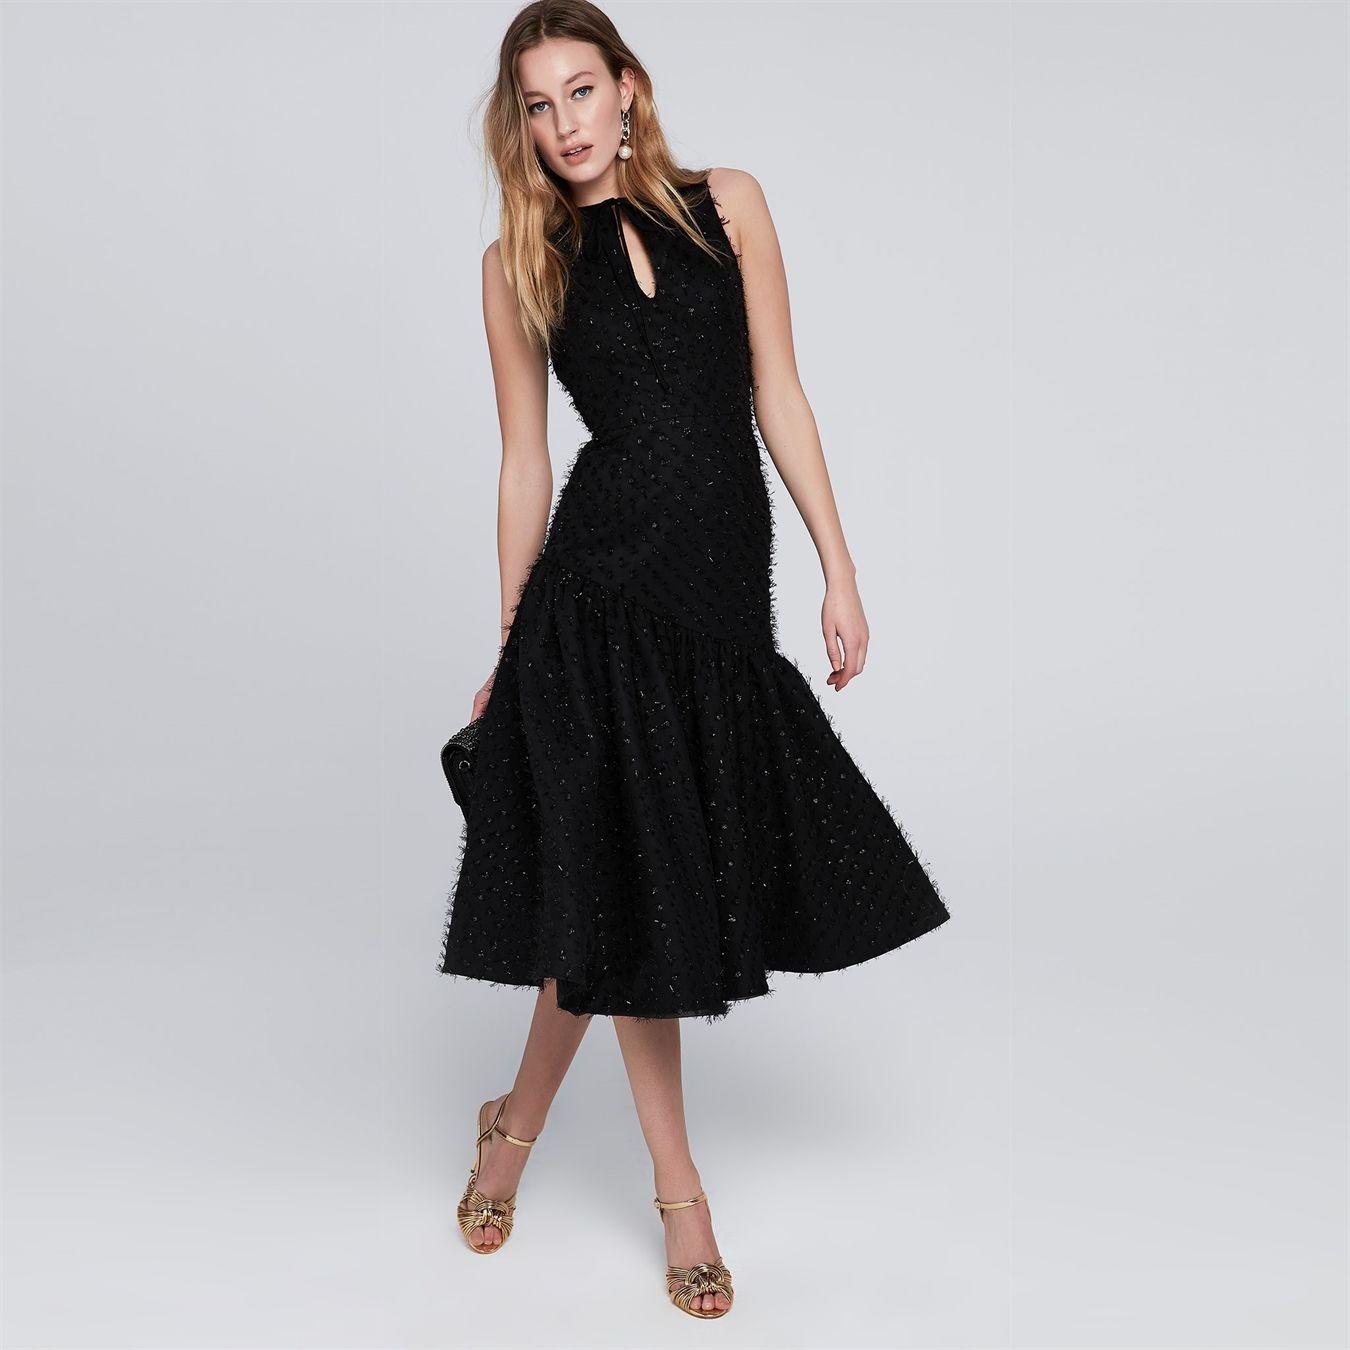 Ipekyol Elbise Modelleri Resmi Elbise Elbise